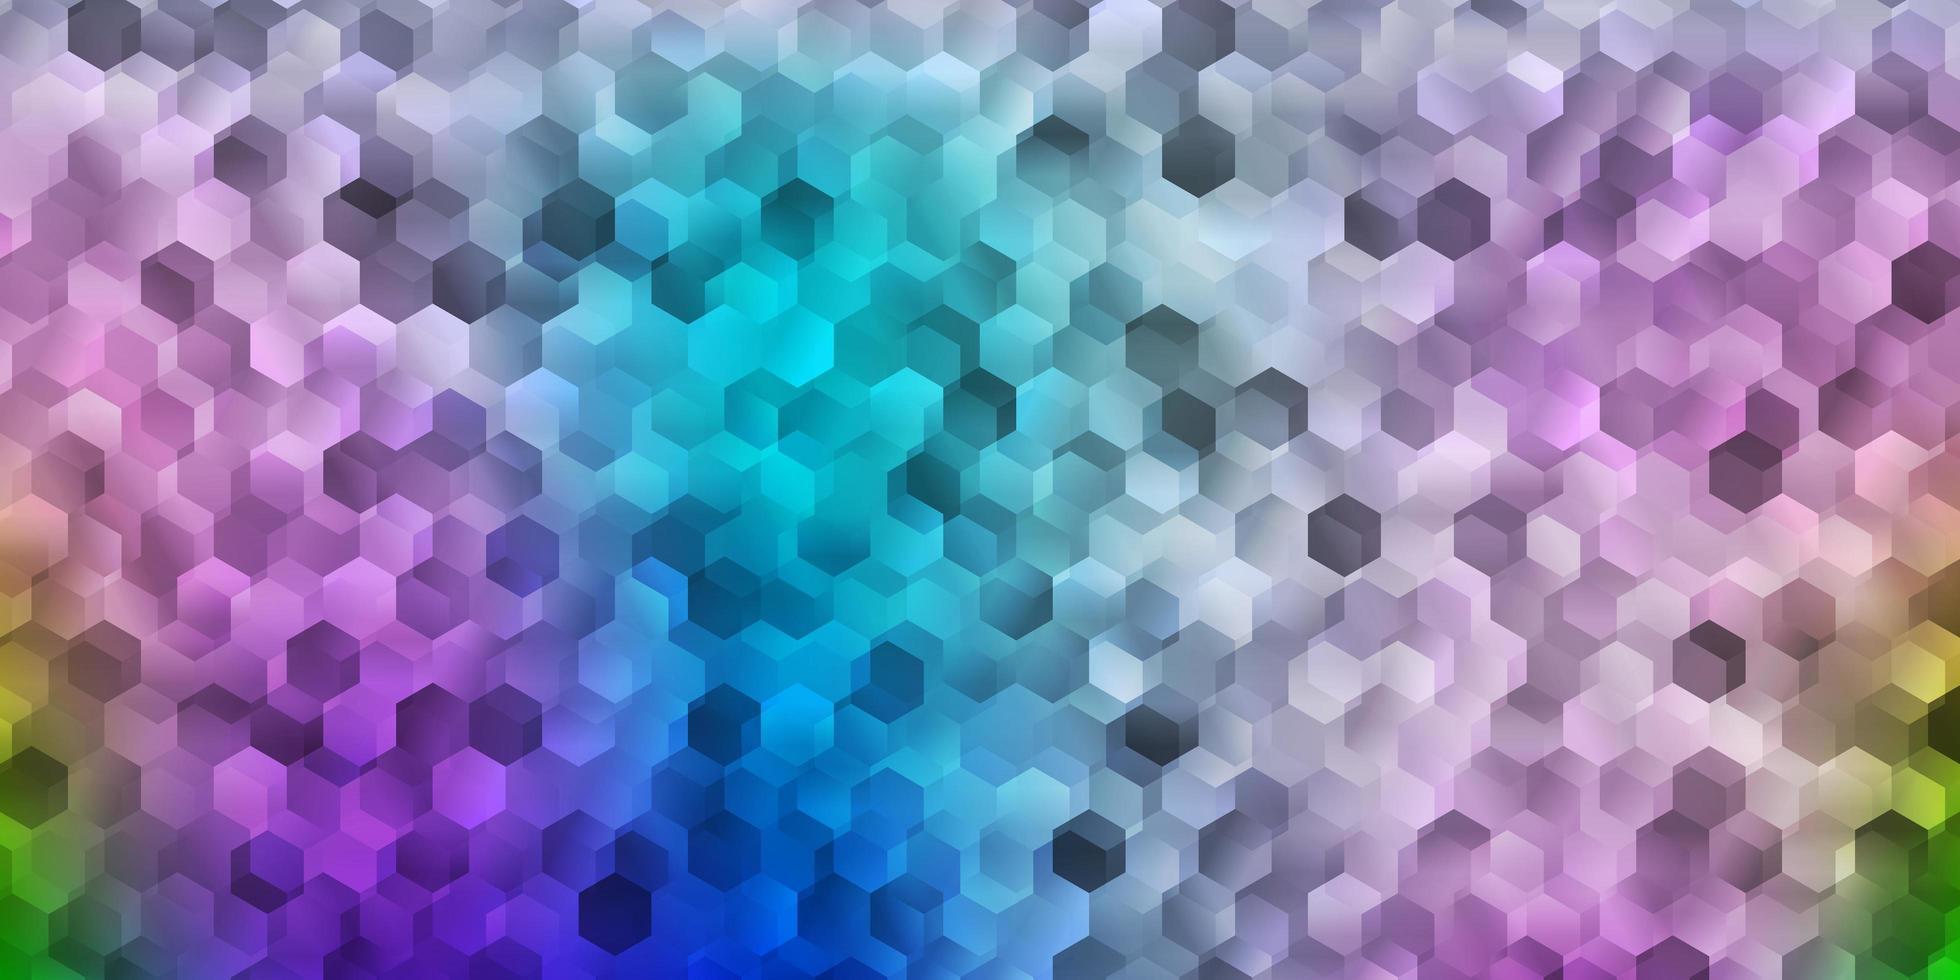 modelo de vetor azul claro e vermelho em estilo hexagonal.